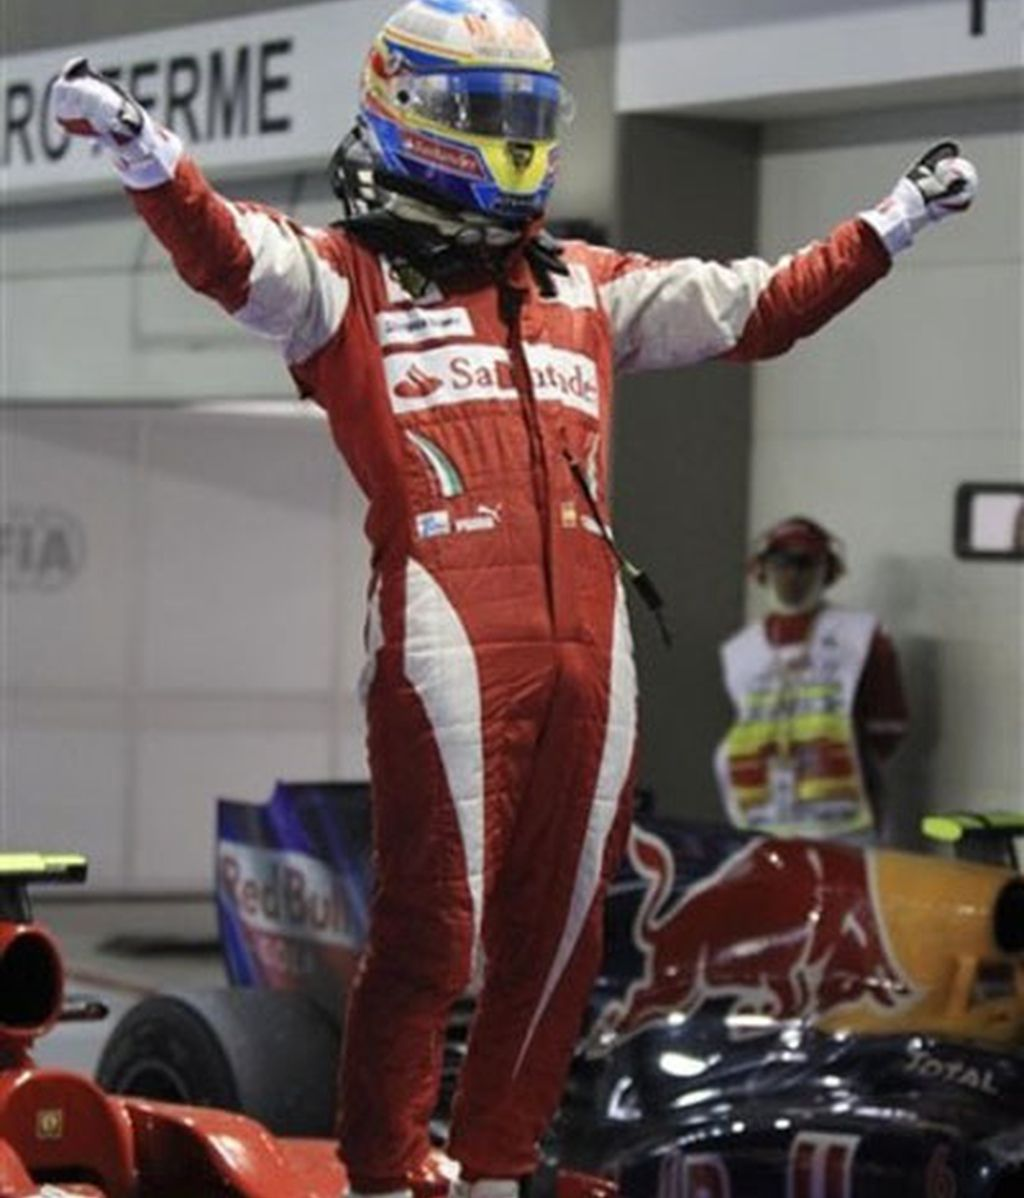 25ª victoria en la carrera de Alonso, tercera del año y segunda en el GP de Singapur